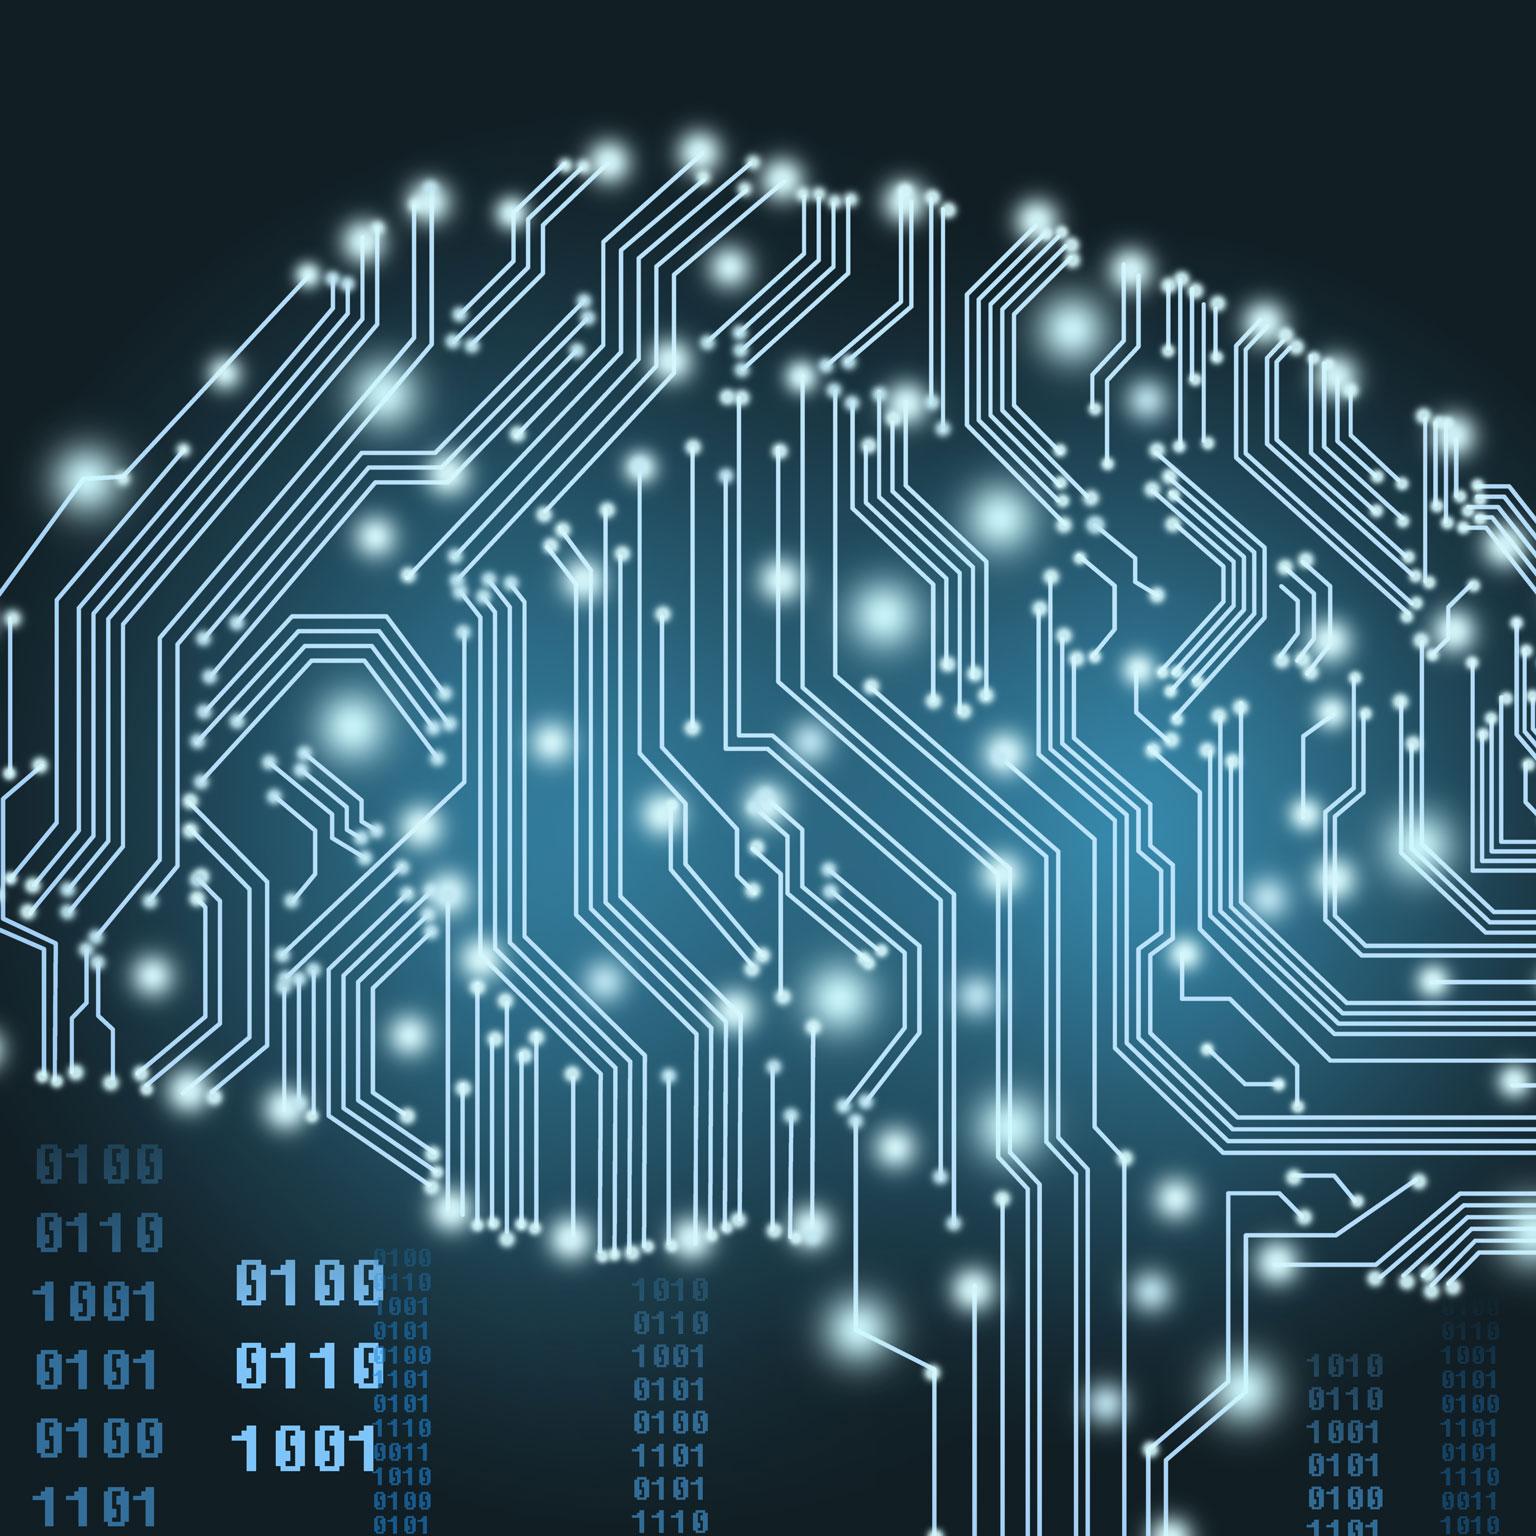 Снимка: ИИ алгоритмите ще променят живота ни повече от електричеството